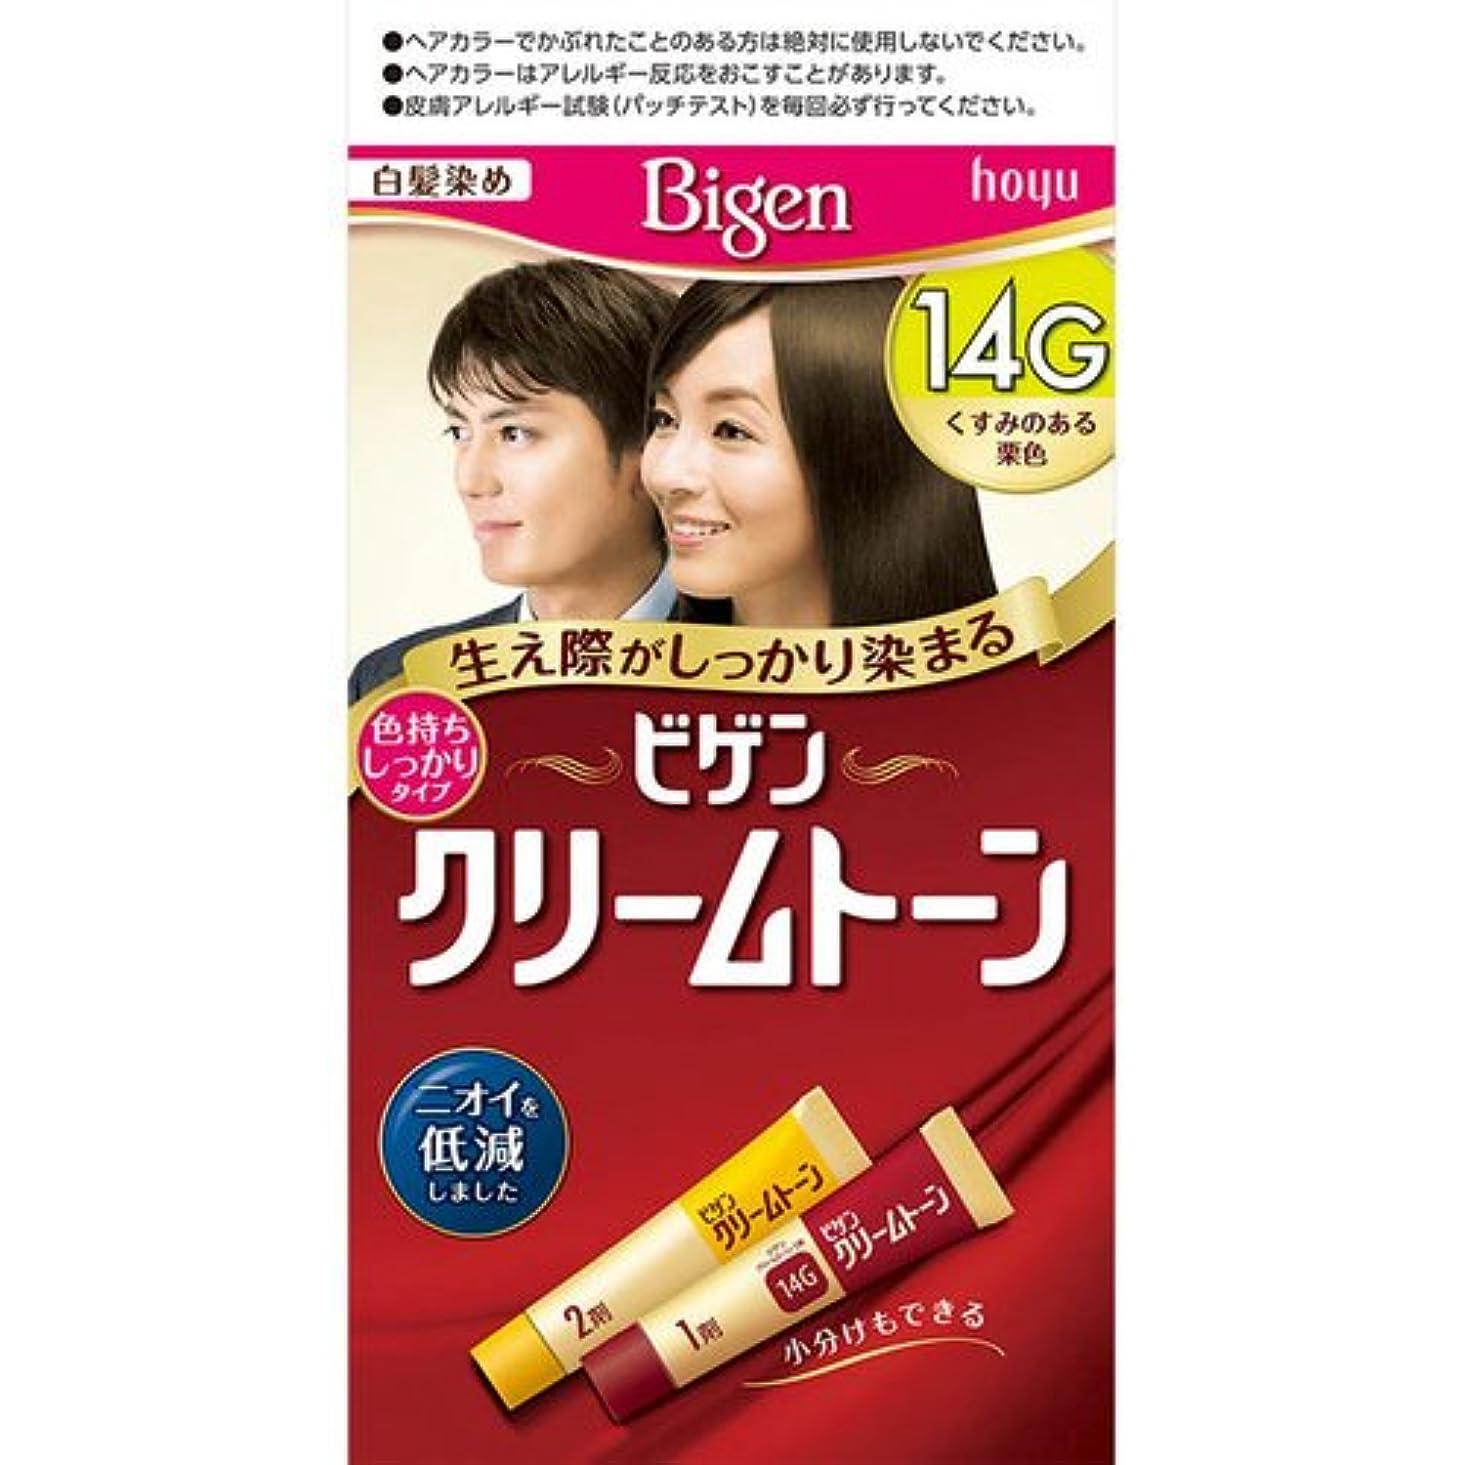 荒らす口頭エチケットビゲン クリームトーン 14G くすみのある栗色 40g+40g[医薬部外品]